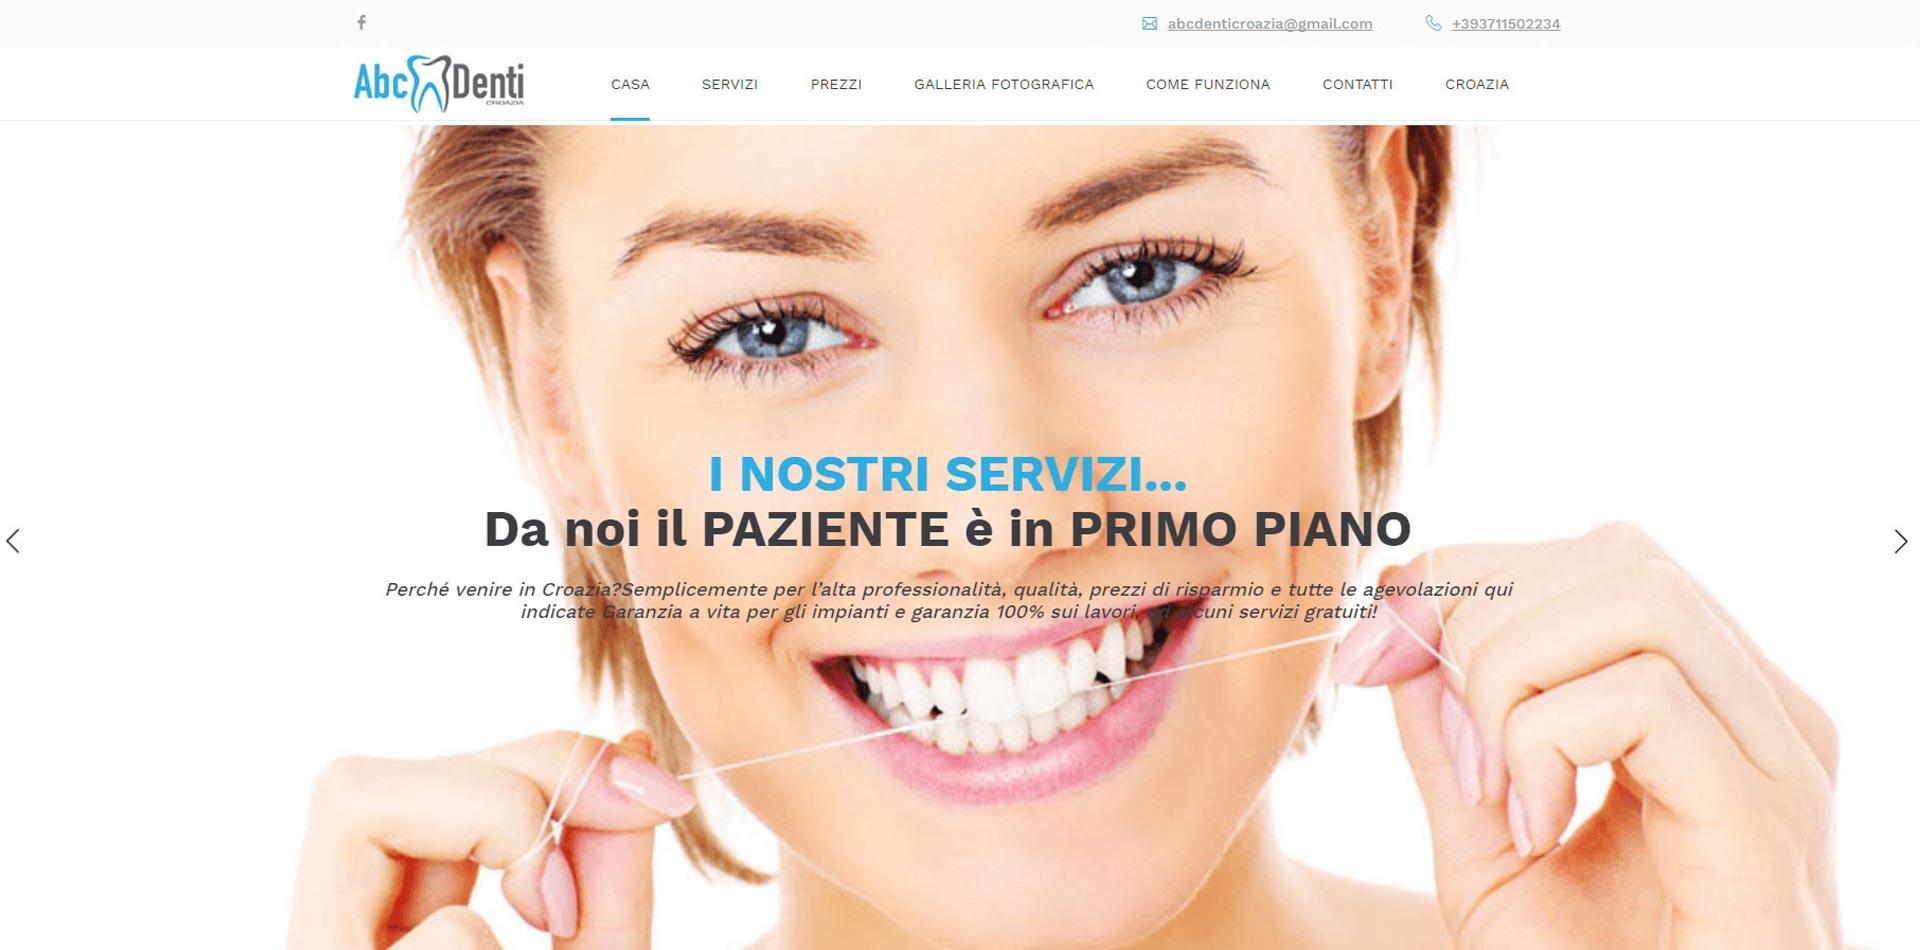 ABC Denti Croazia